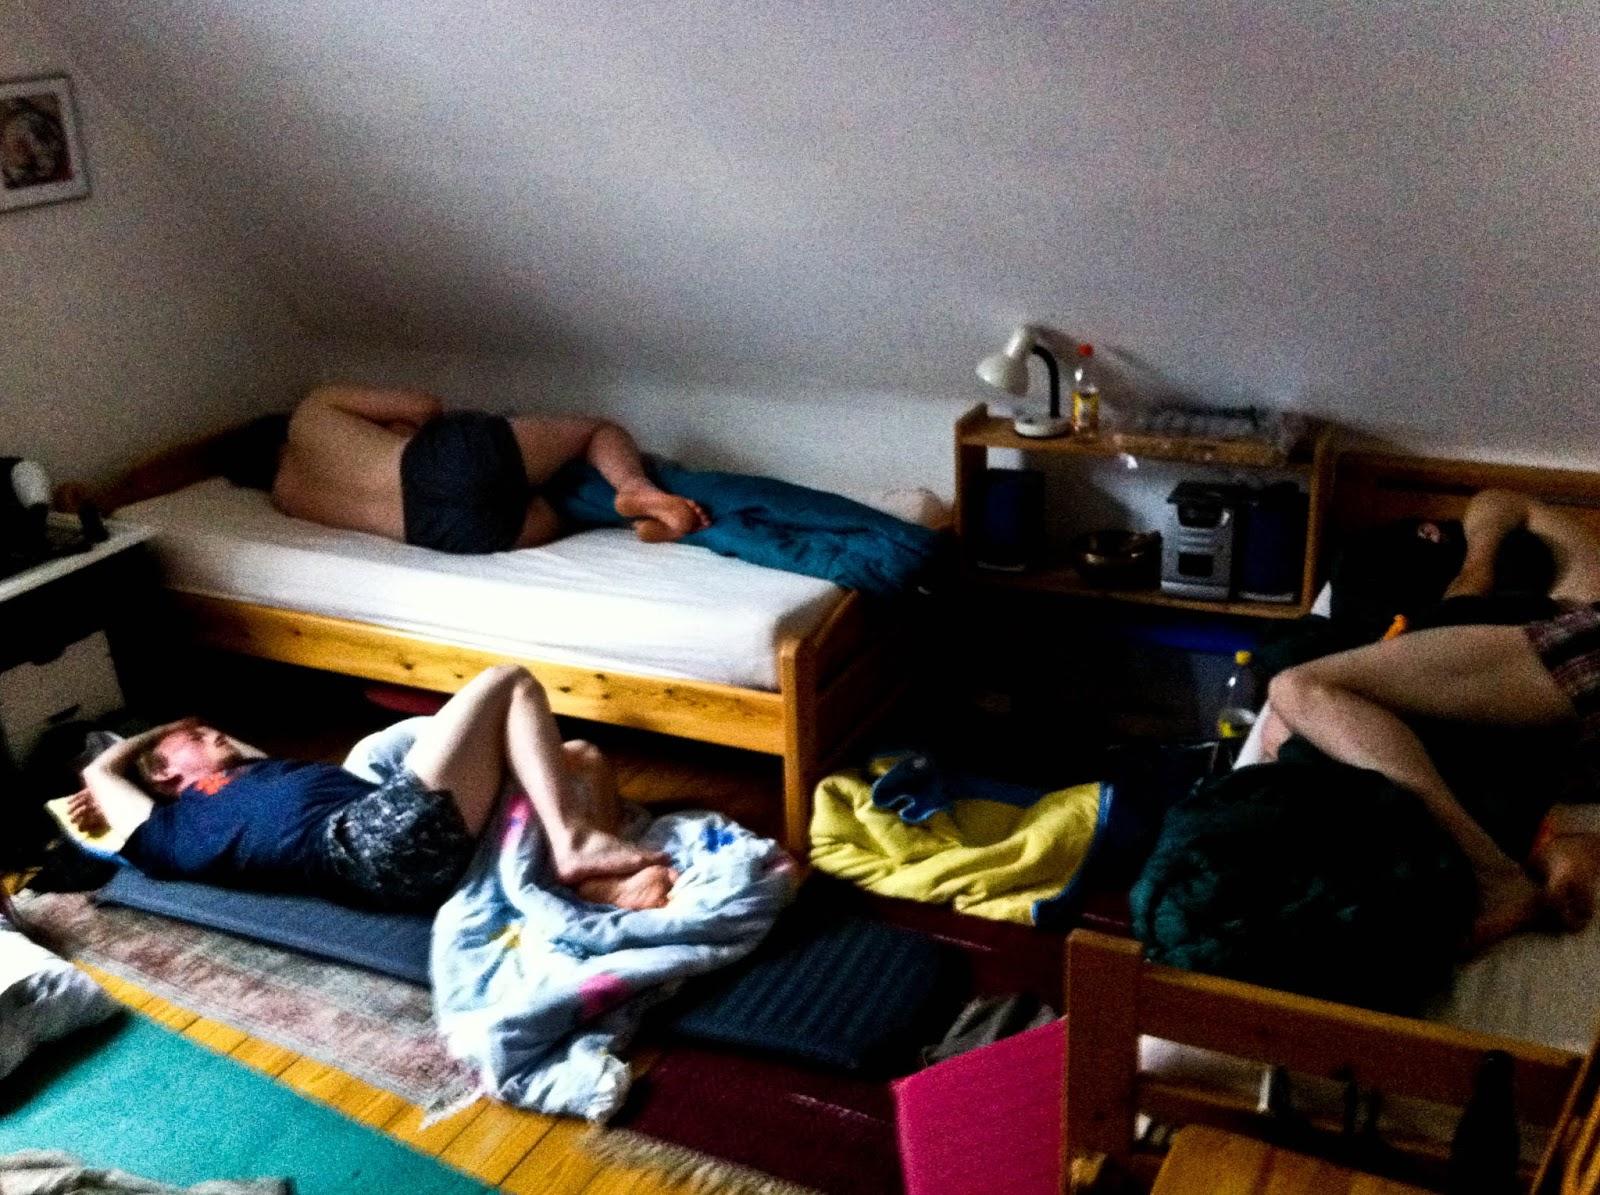 SCHUND: DeutSCHUND Homie Skateboard Bier Tour - Tag 4